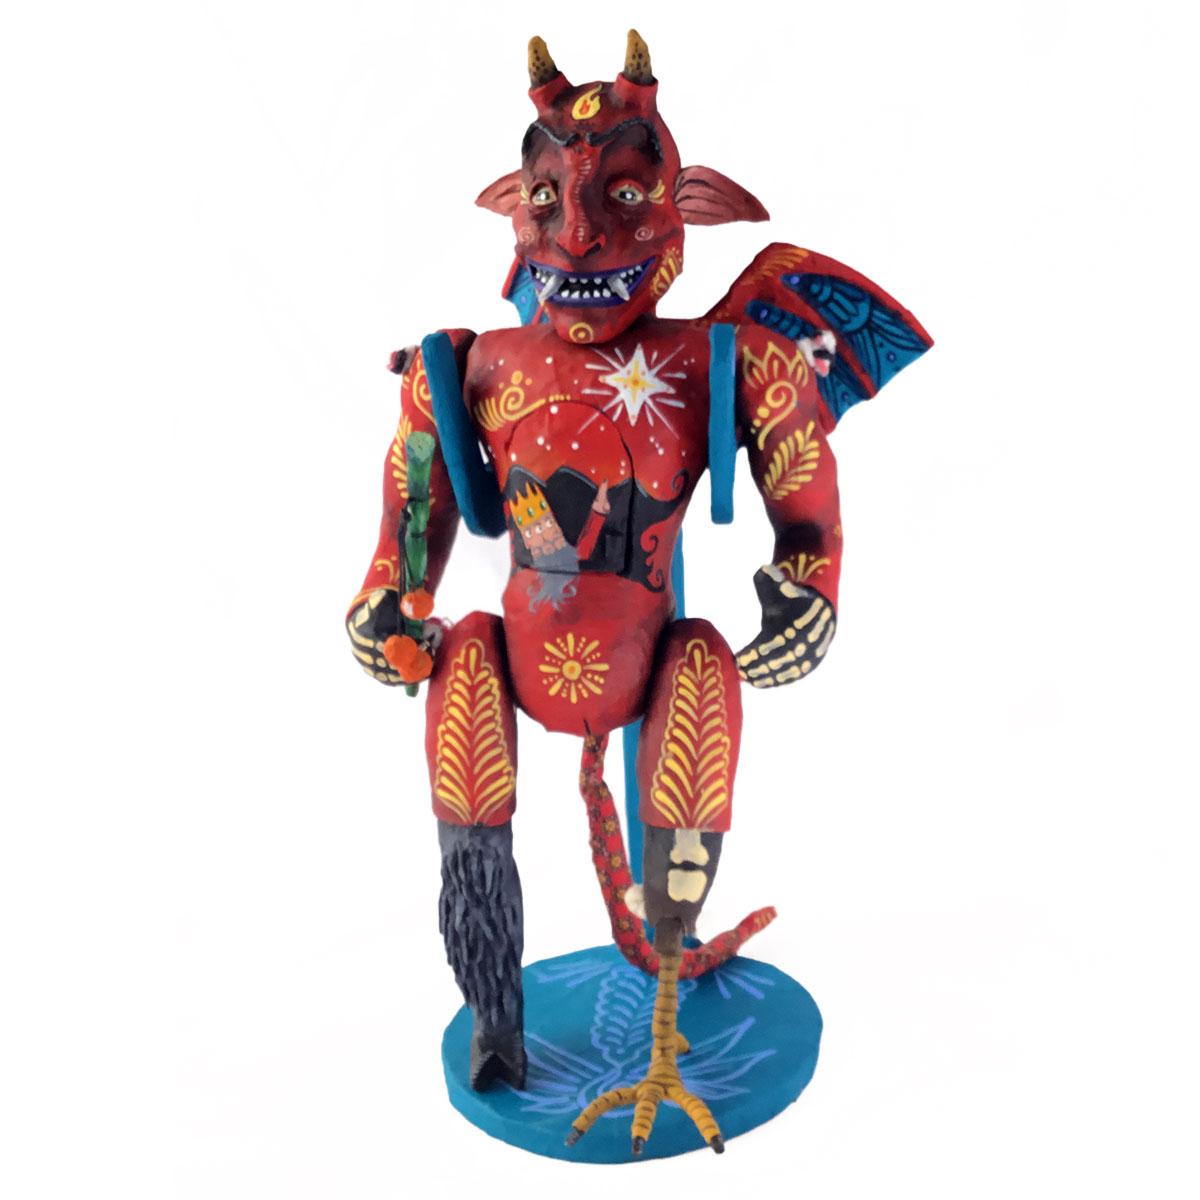 Cartoneria (Mexican Paper Mache) Isaias Alejandro Morales Delgado: Devil Doll with Stand cartoneria